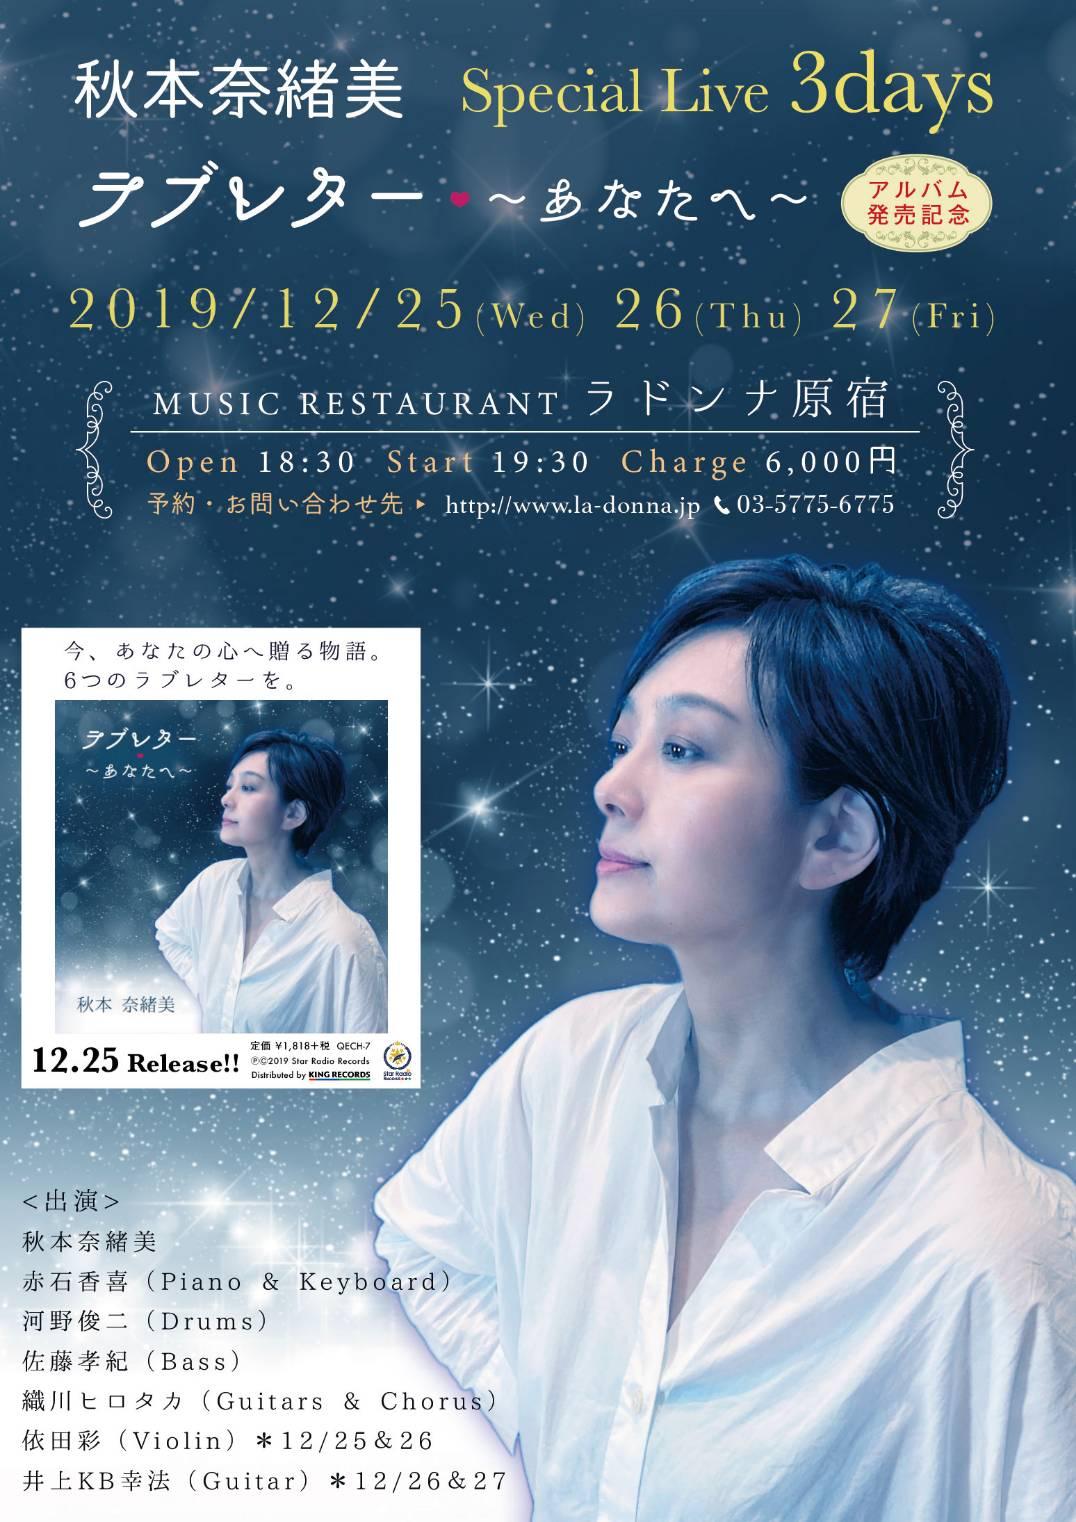 秋本奈緒美 Special Live 3days ラブレター〜あなたへ〜